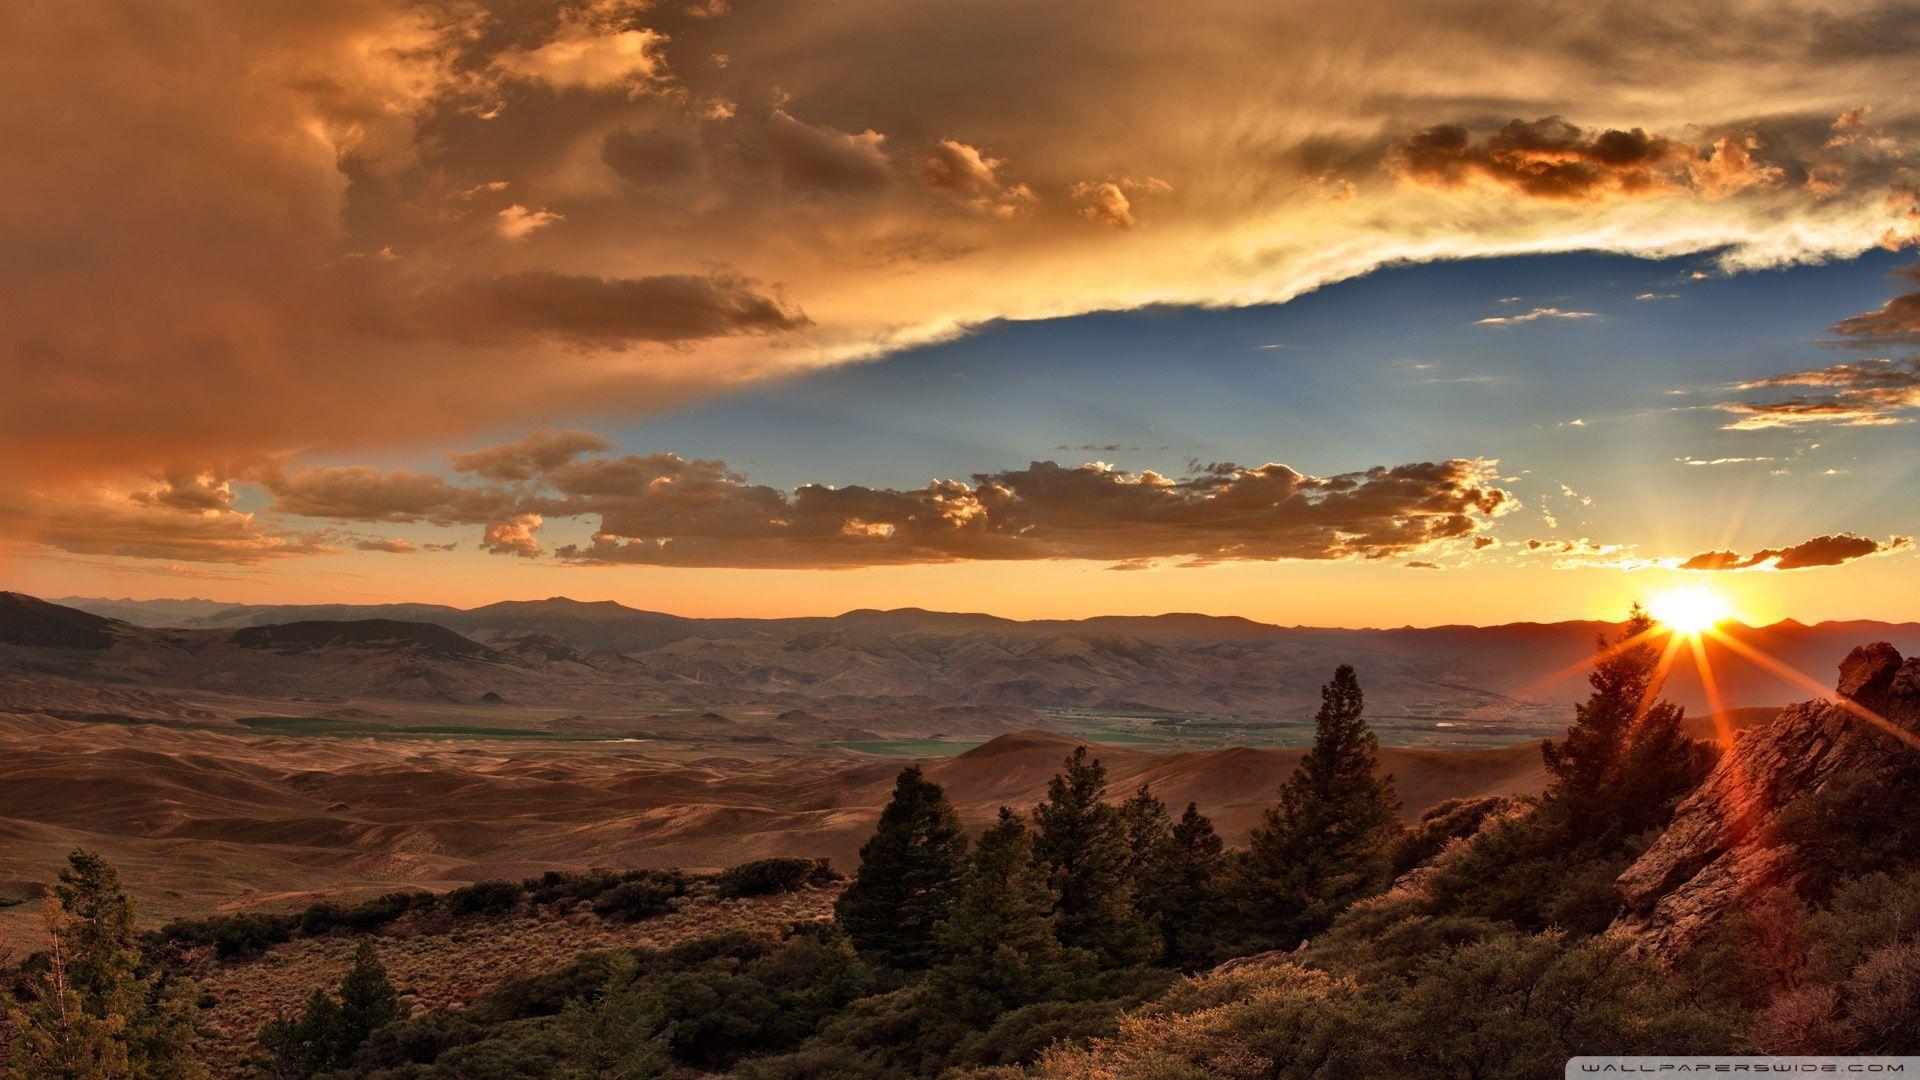 Desert Sunset Wallpapers Top Free Desert Sunset